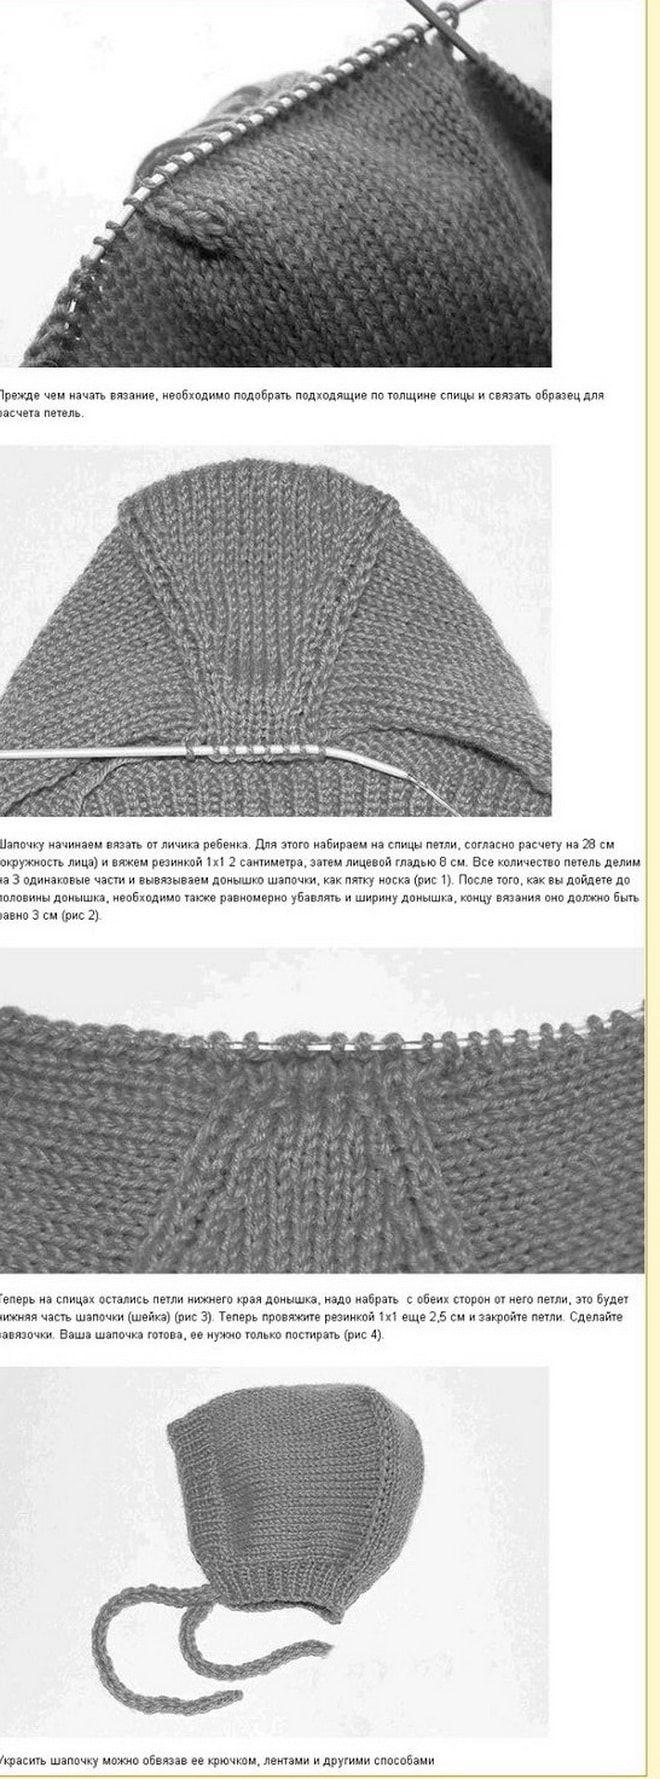 Лучшие схемы вязания